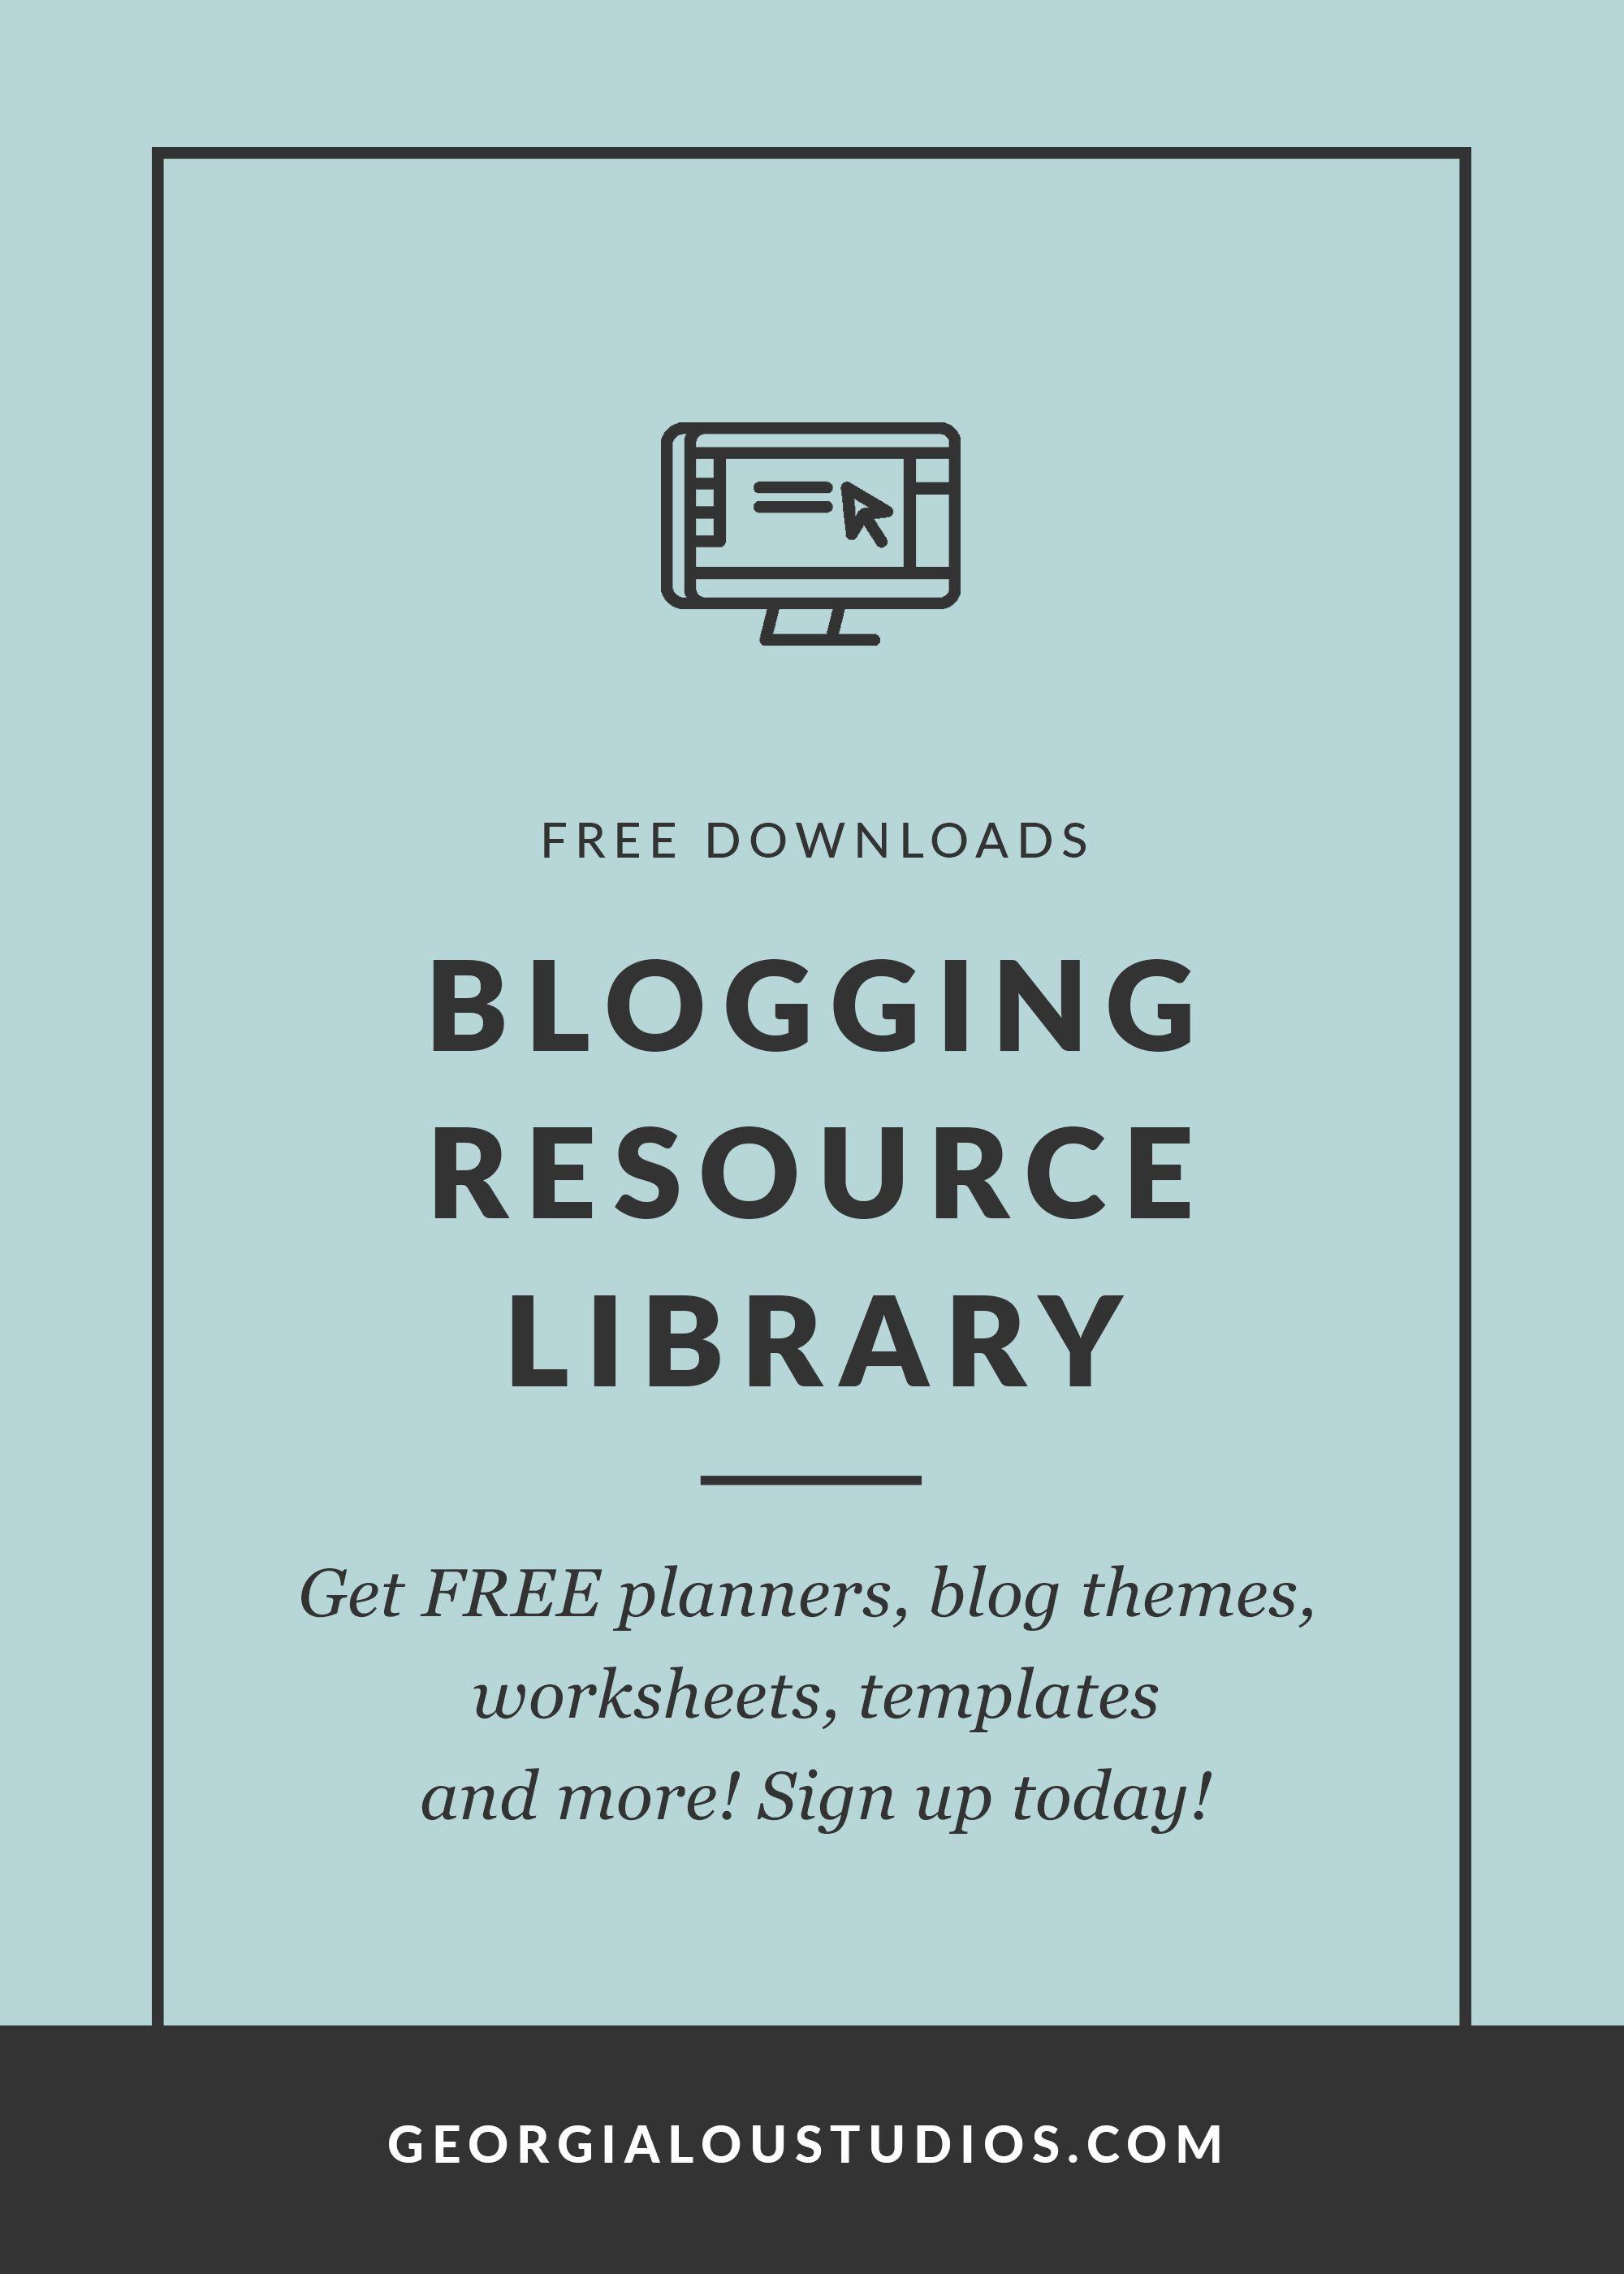 Get Free Blogging Resource Downloads Including Worksheets